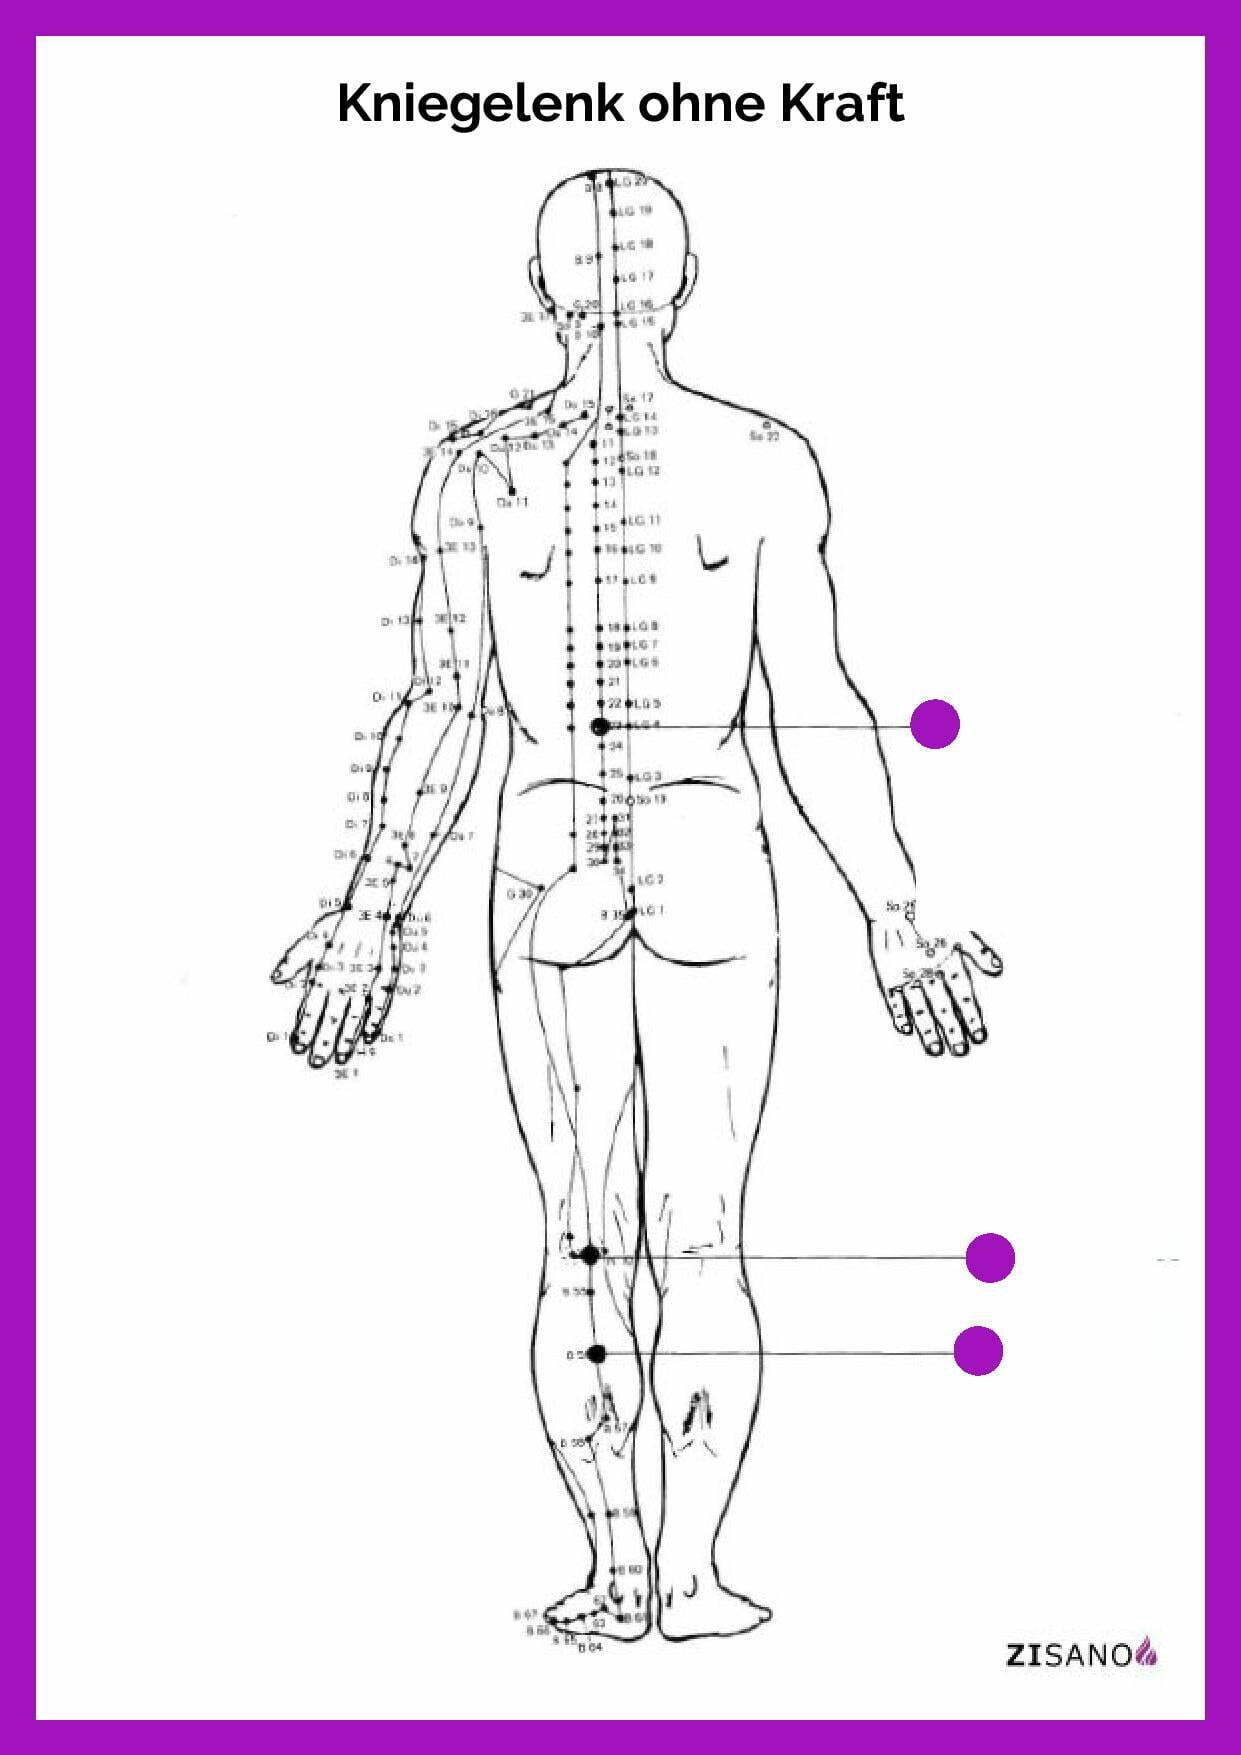 Meridiane - Kniegelenk ohne Kraft - Beschwerden